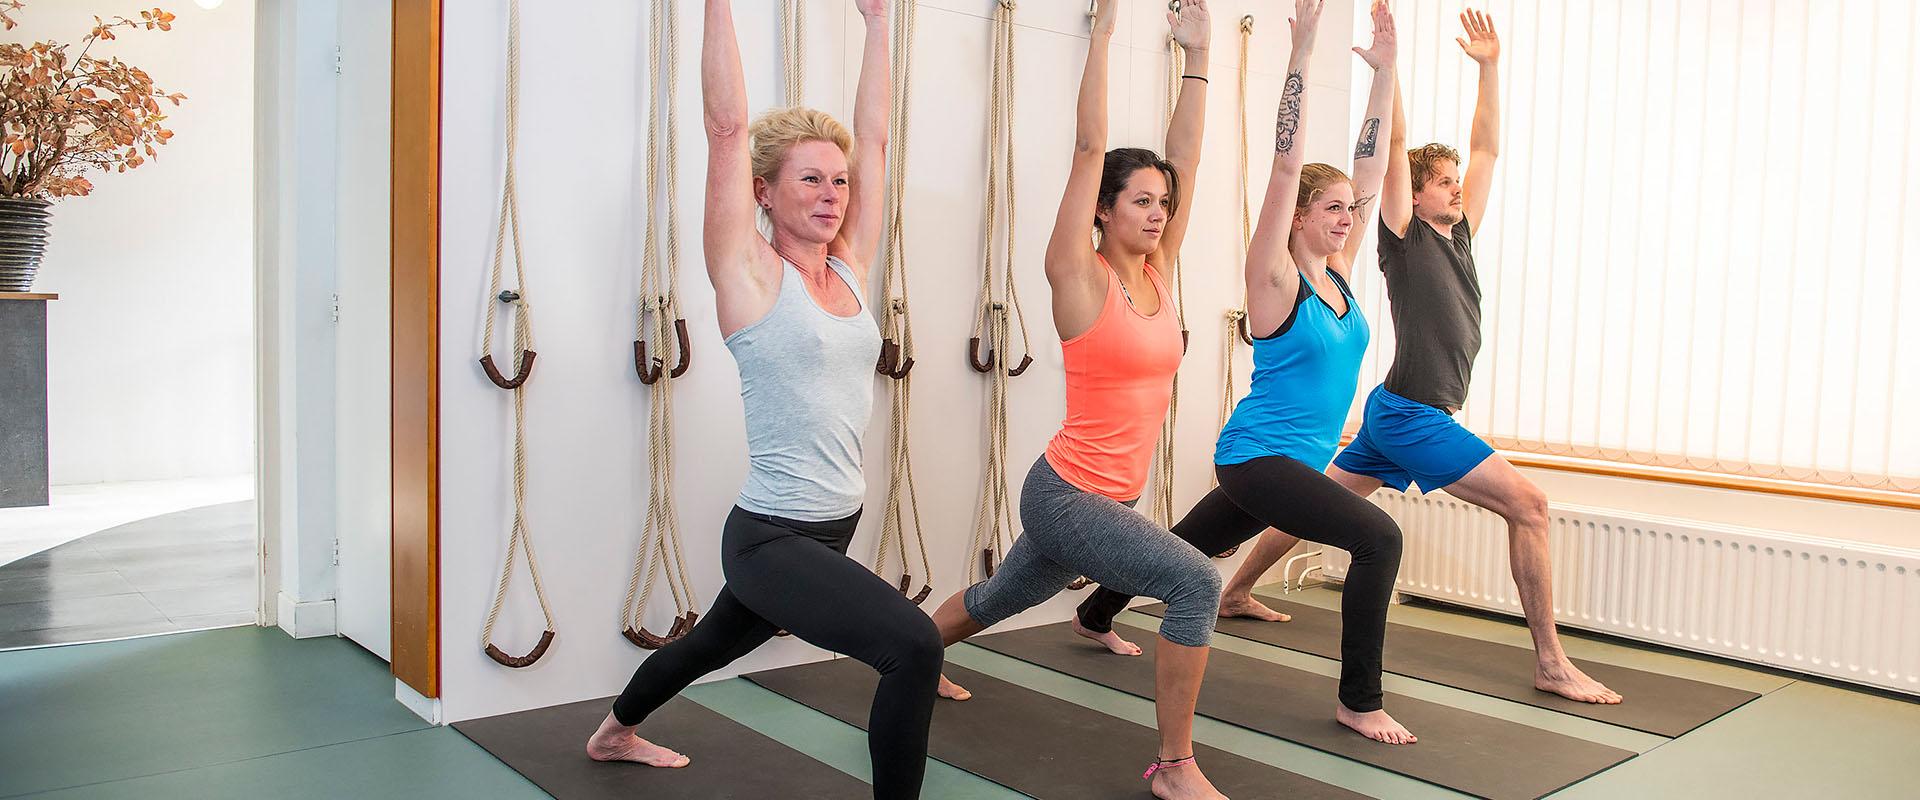 yoga-unwired-nederlands-fotomuseum-charles-hond